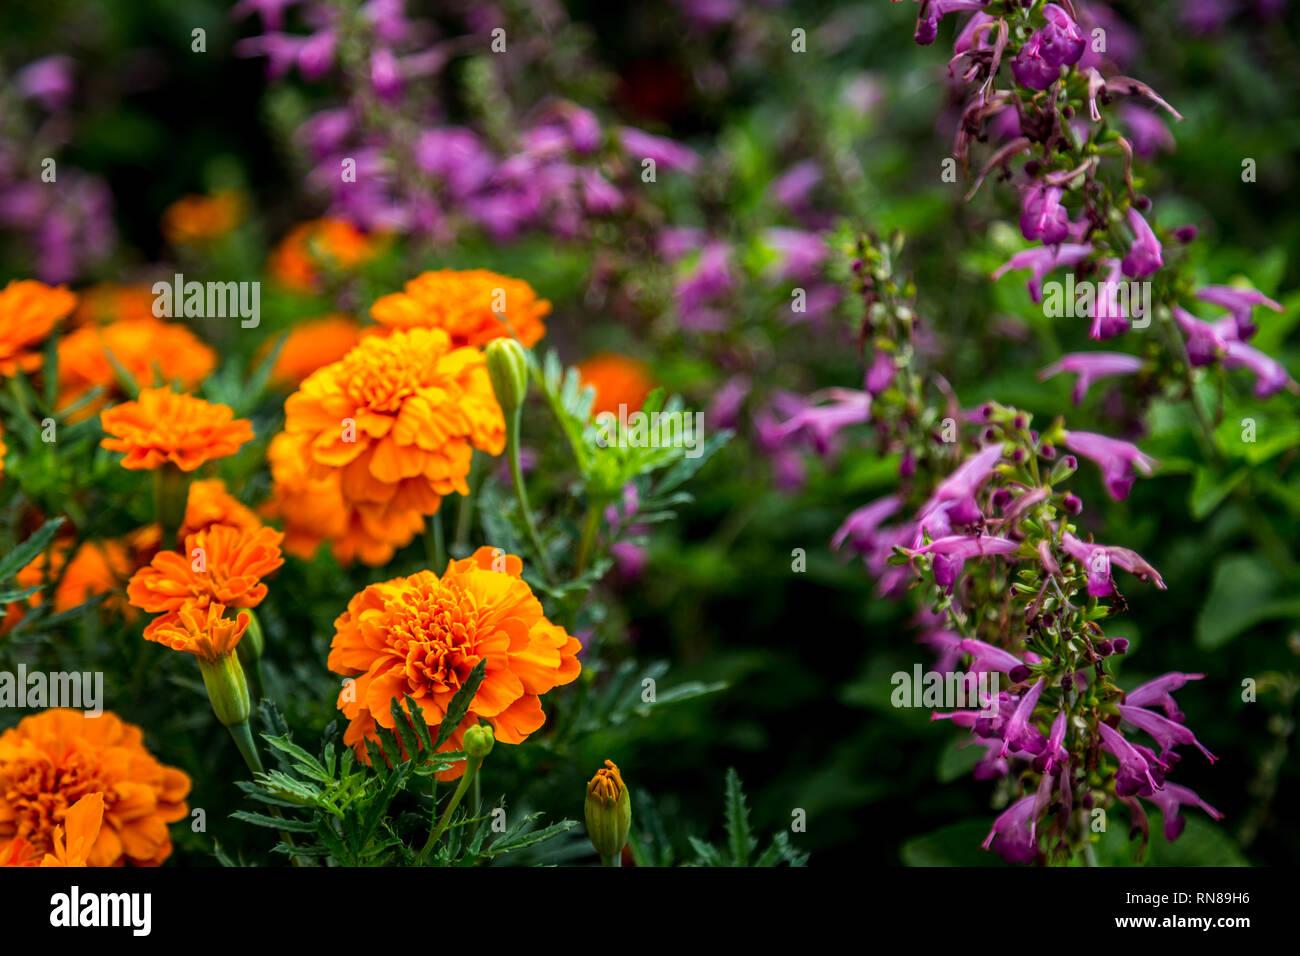 Blumen Ideen Fur Sie Garten Stockfotografie Alamy